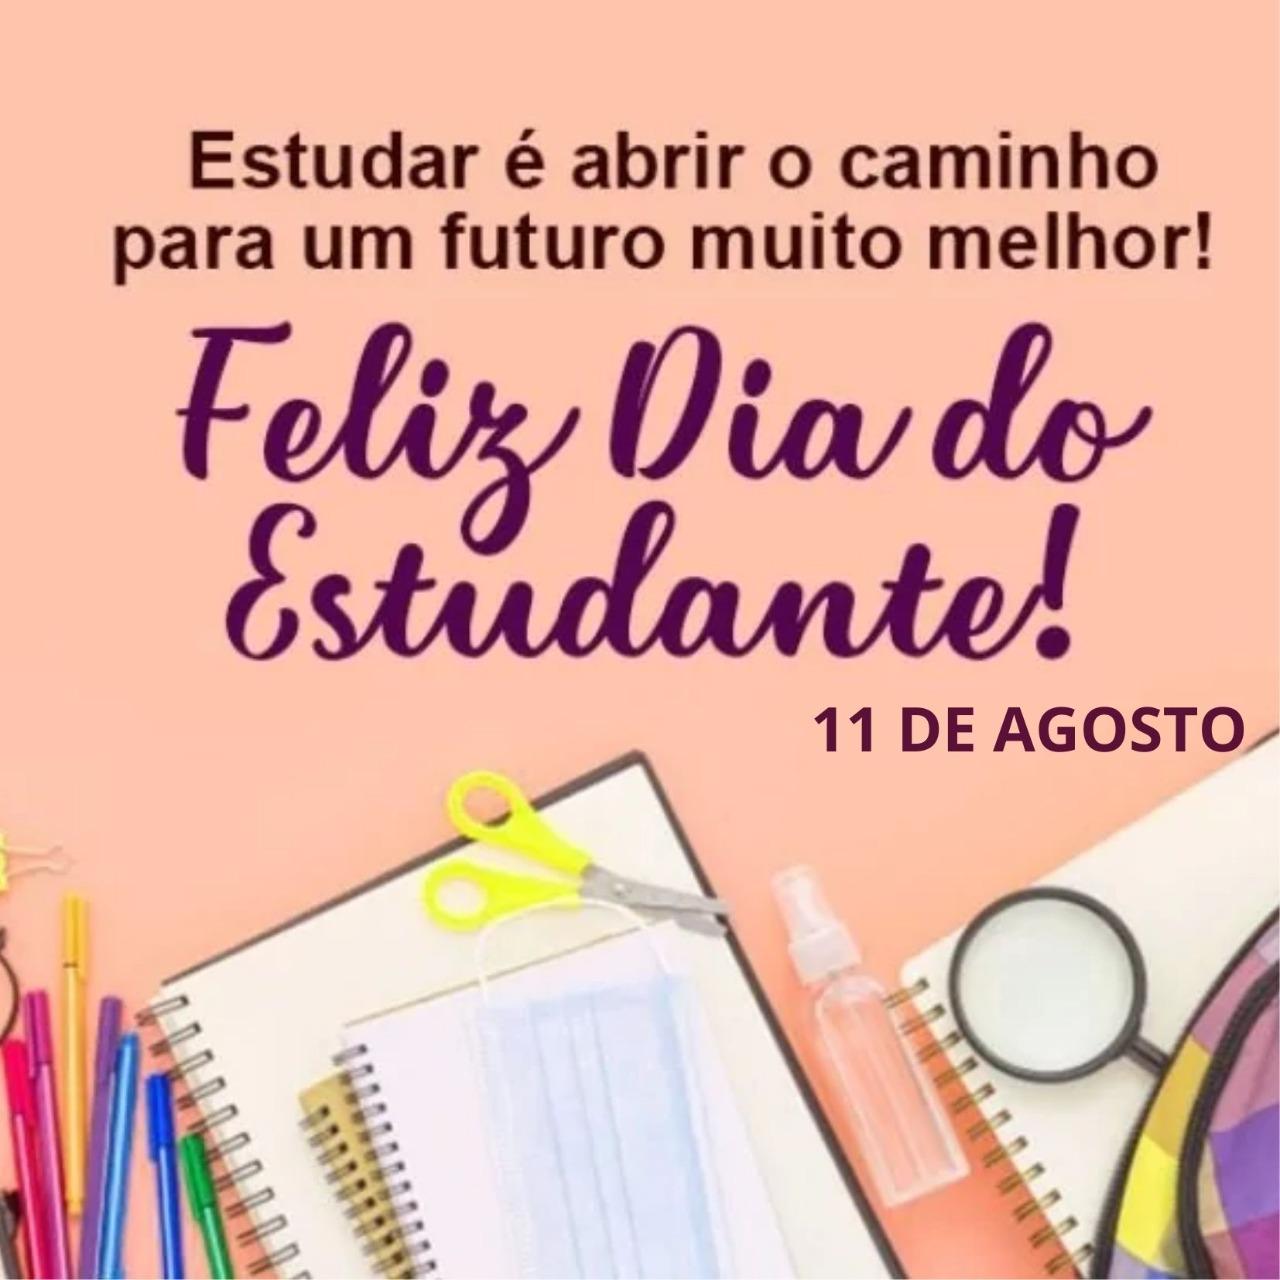 Feliz Dia do Estudante!